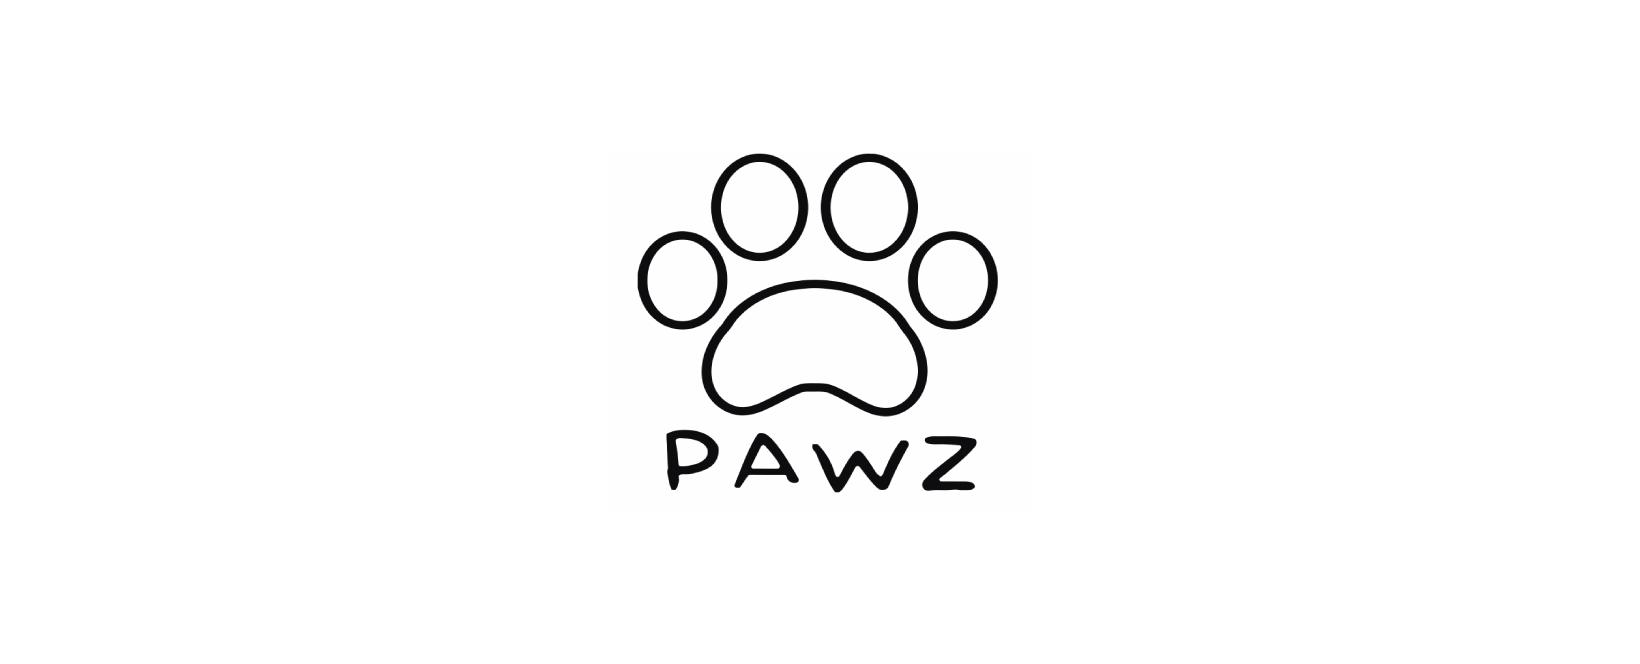 PAWZ Discount Code 2021